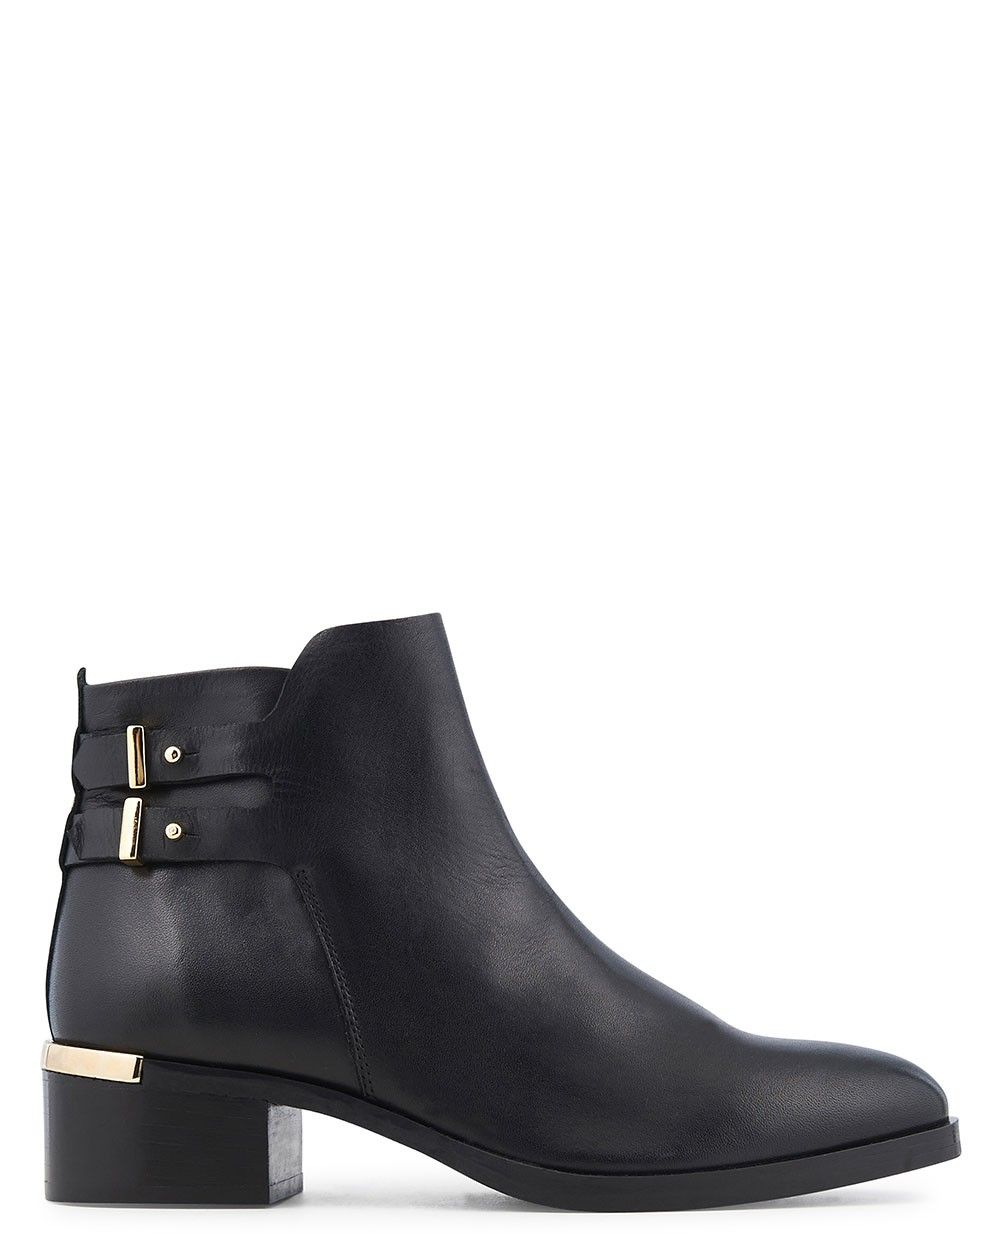 Découvrir en ligne tous les modèles de Boots - Brunella femme de la  Collection Minelli de